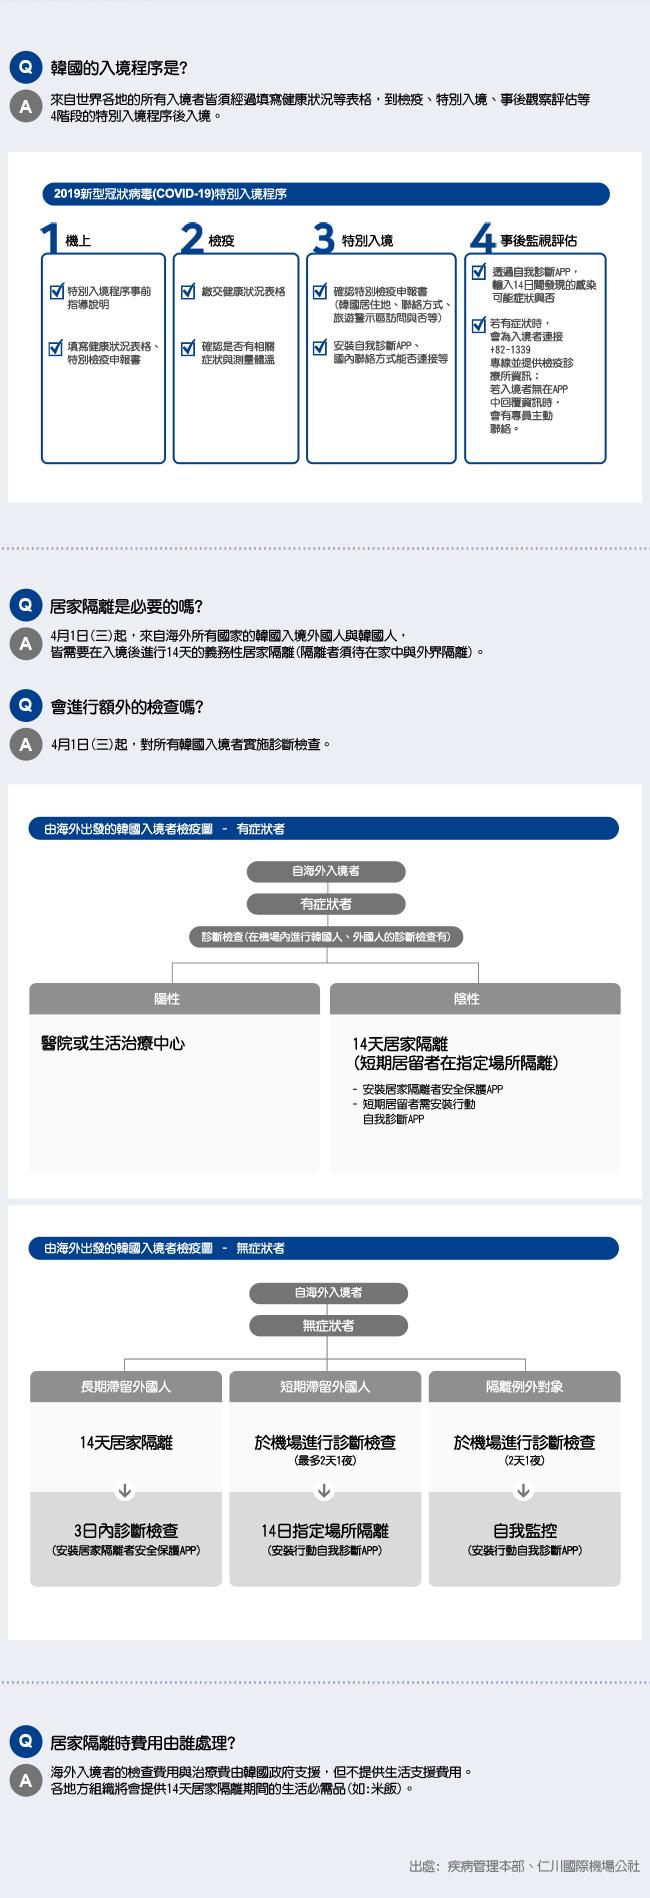 韓國特別入境手續